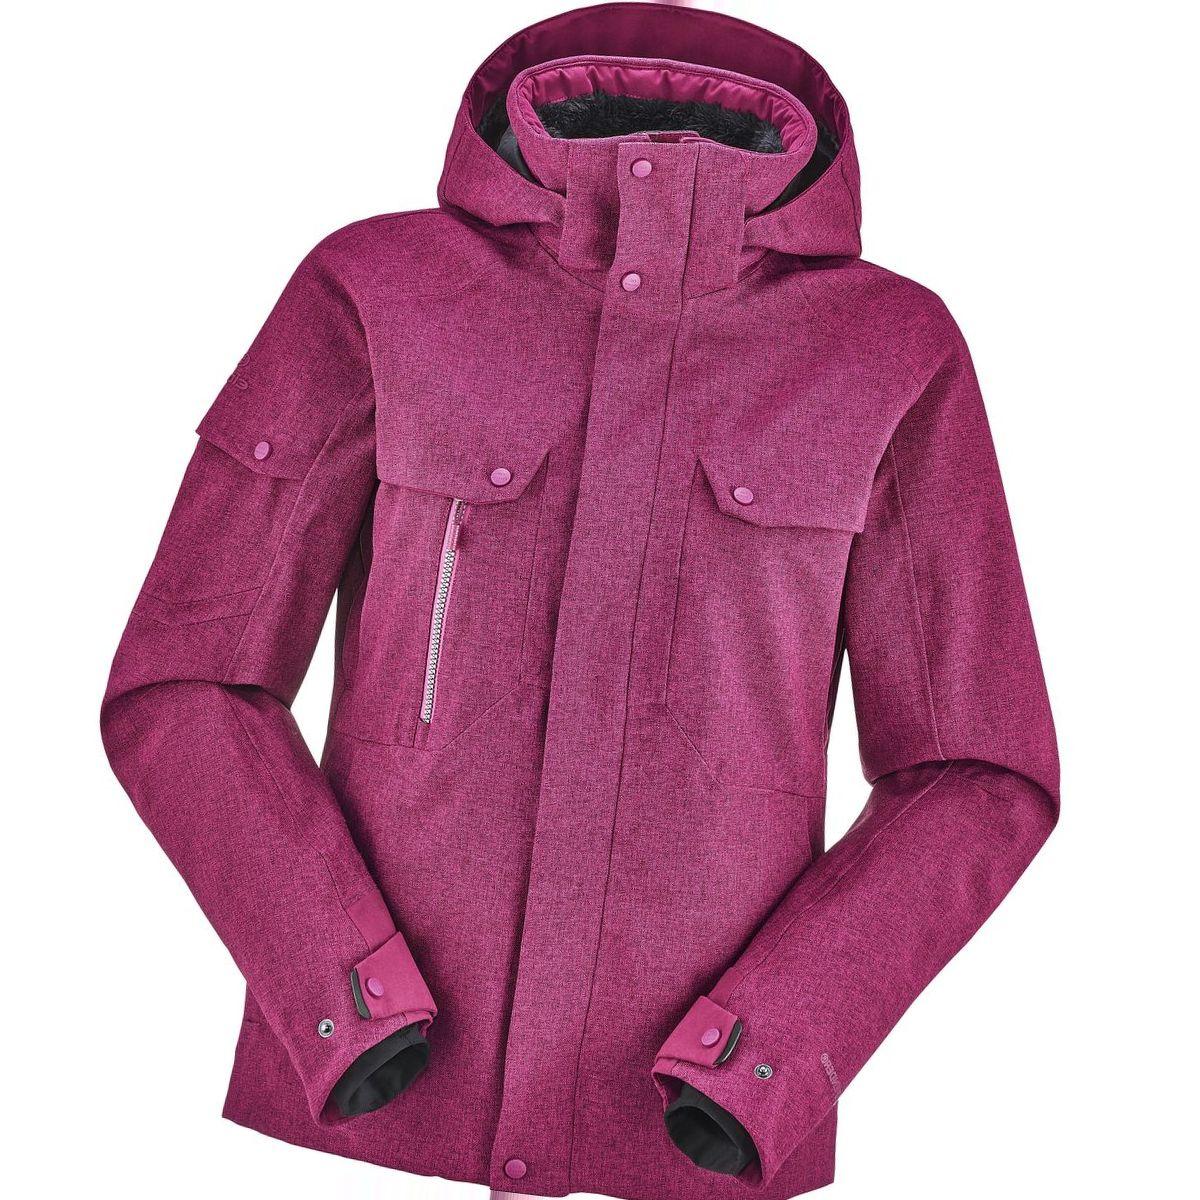 Eider Cole Valley Jacket - Women's